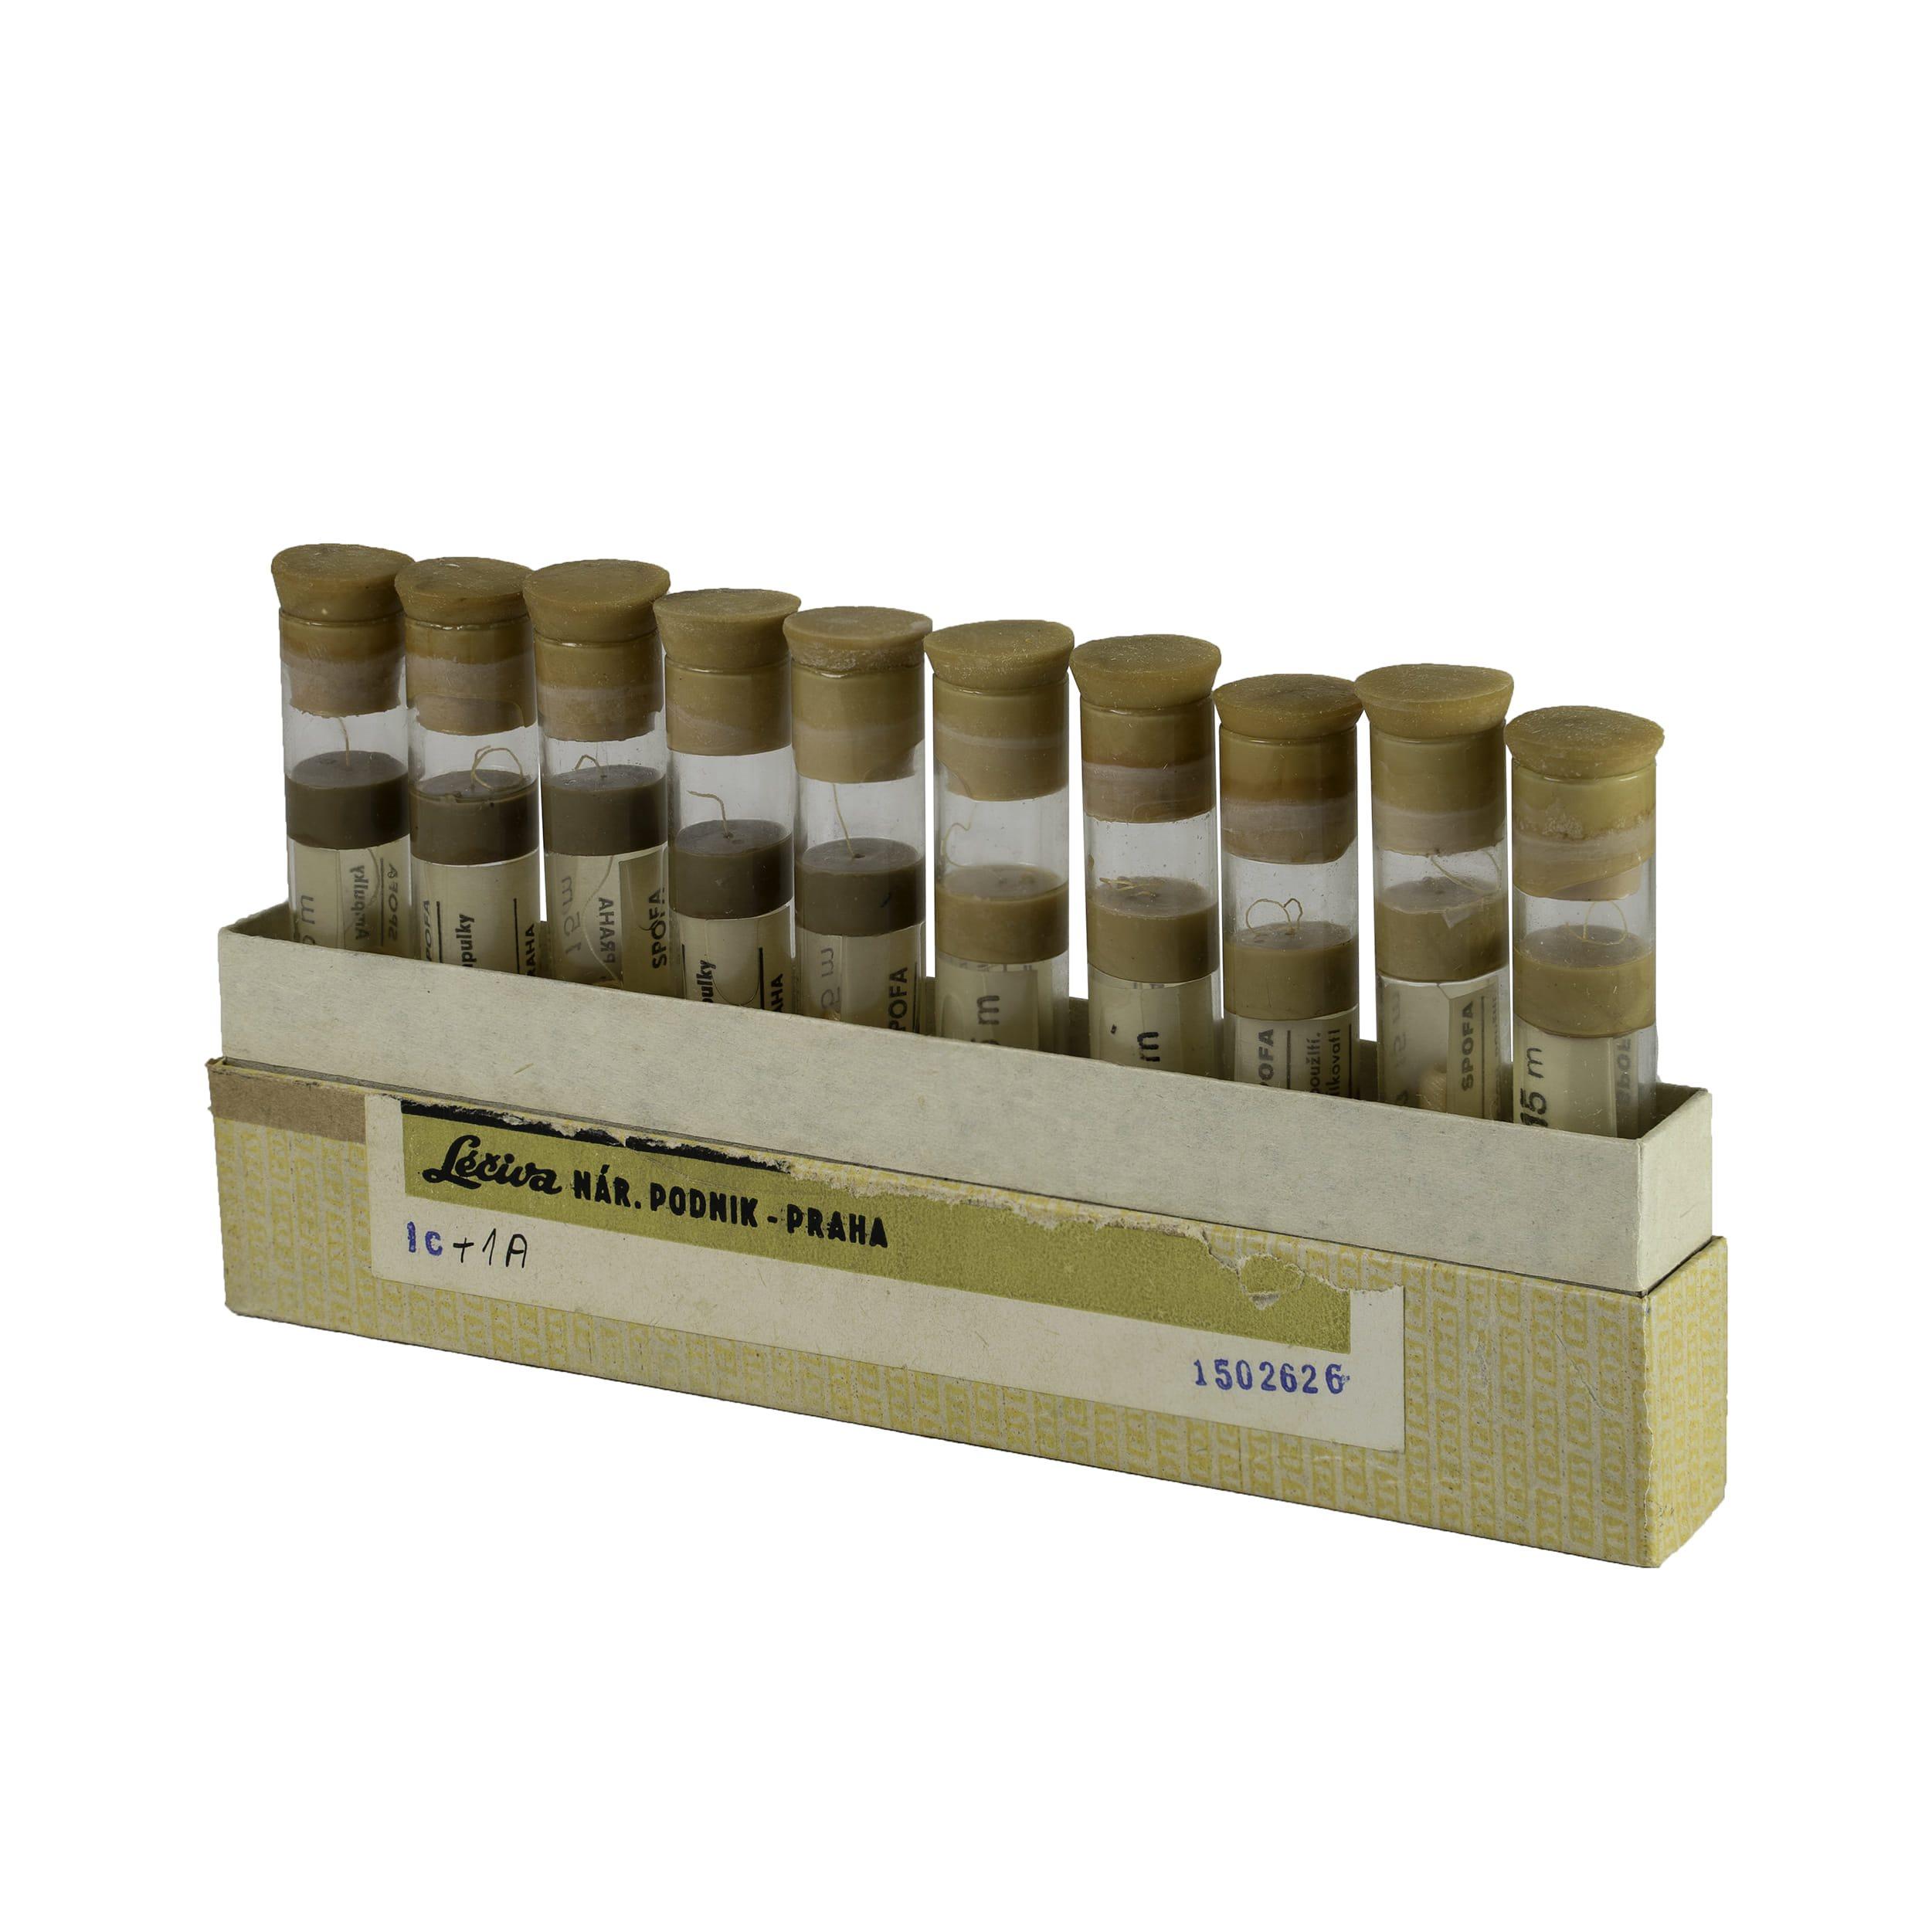 Hedvábí sterilní skané vlákno v konzervaèním roztoku 10 rourek - zvìtšit obrázek